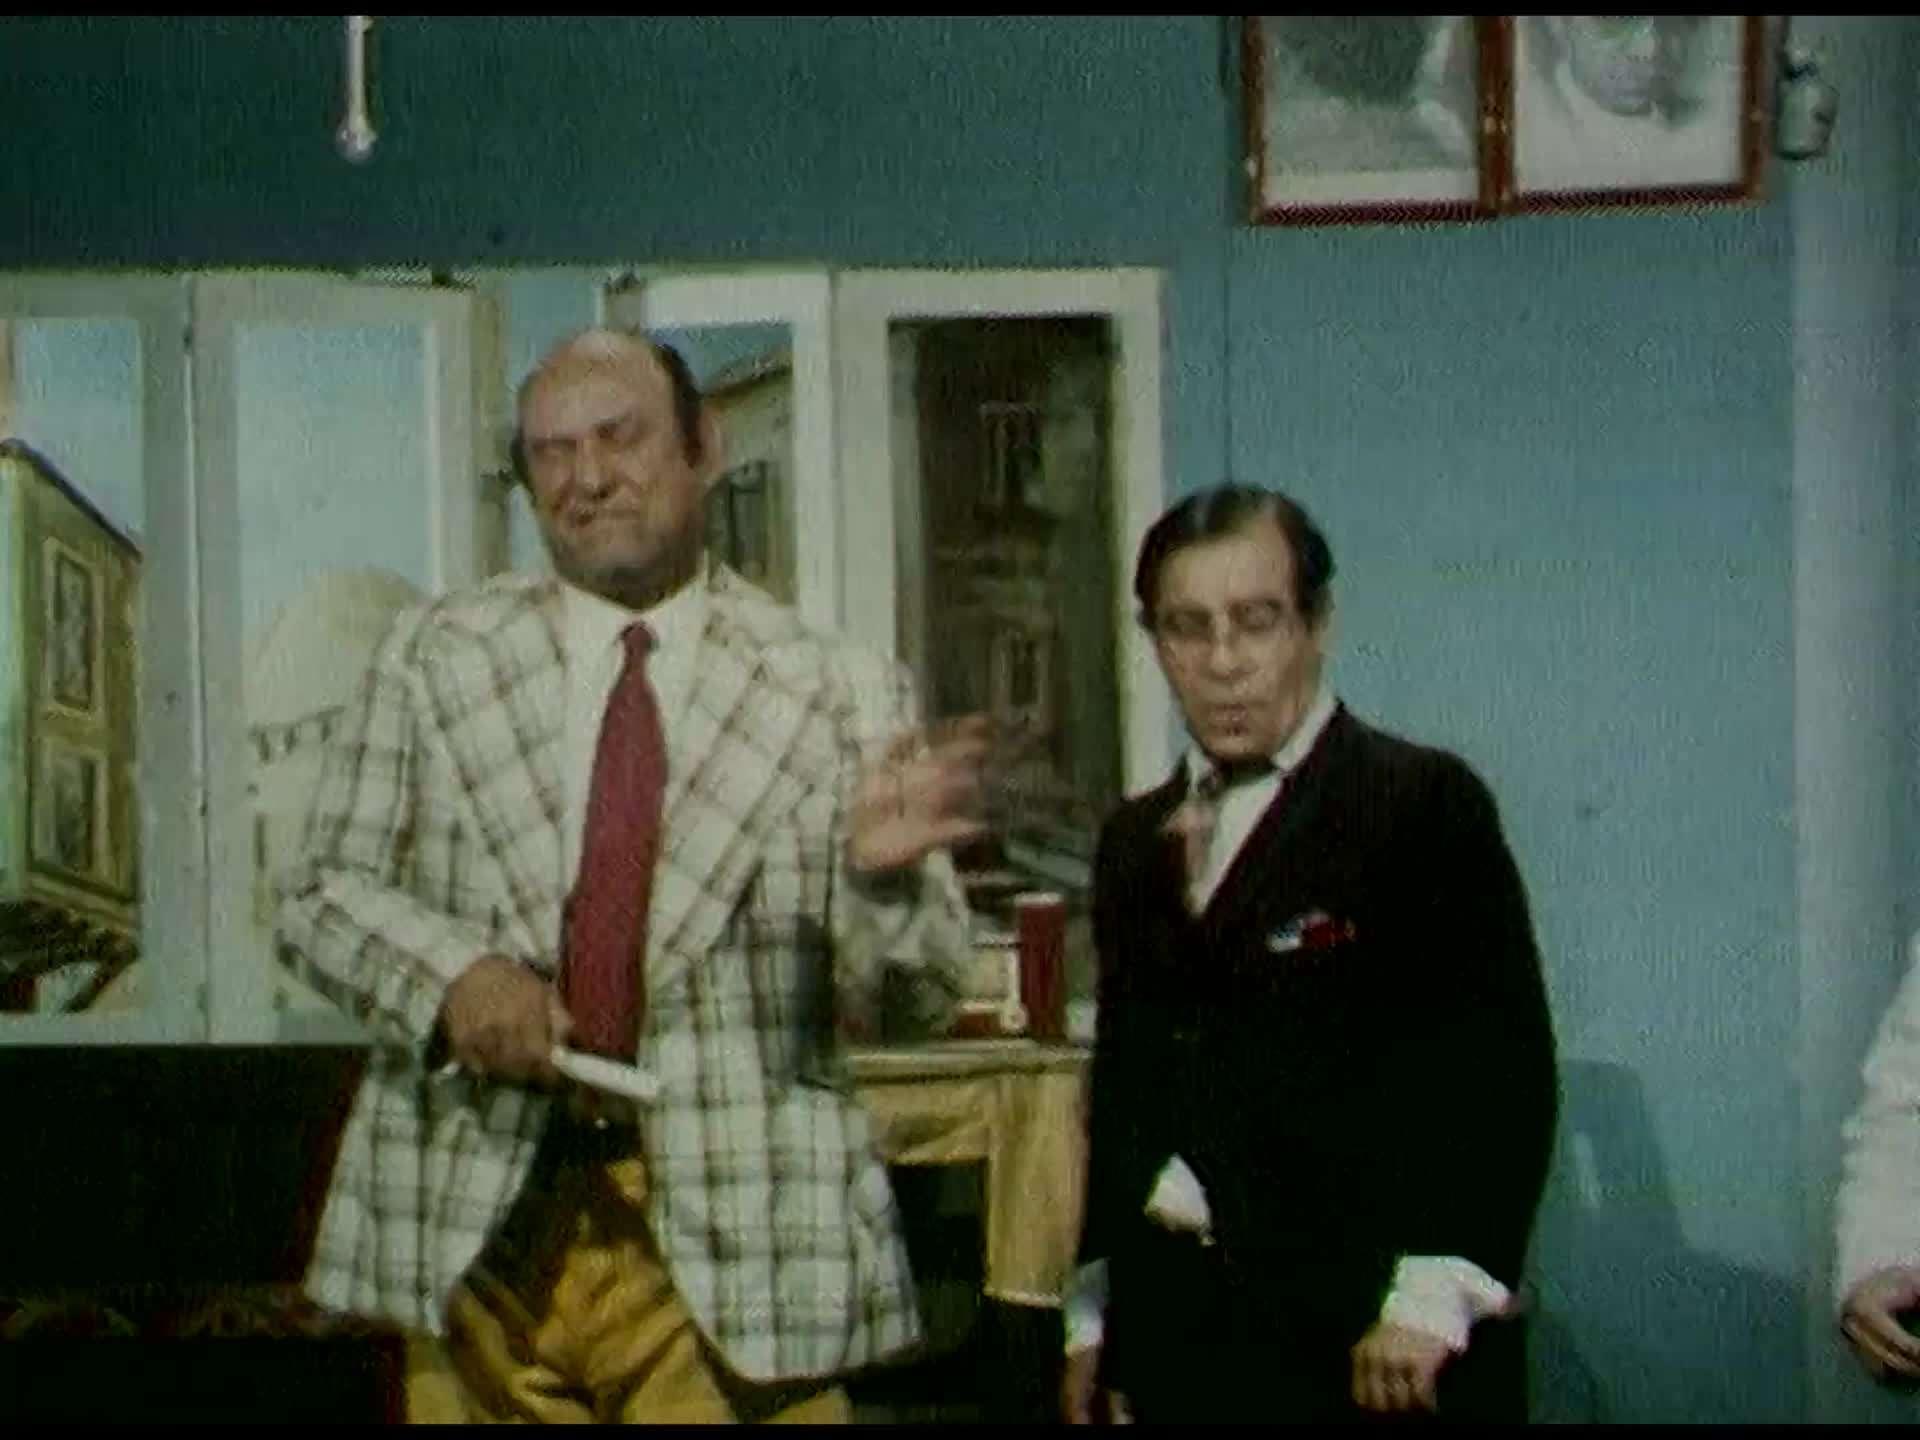 مسرحية لوليتا (1974) 1080p تحميل تورنت 4 arabp2p.com